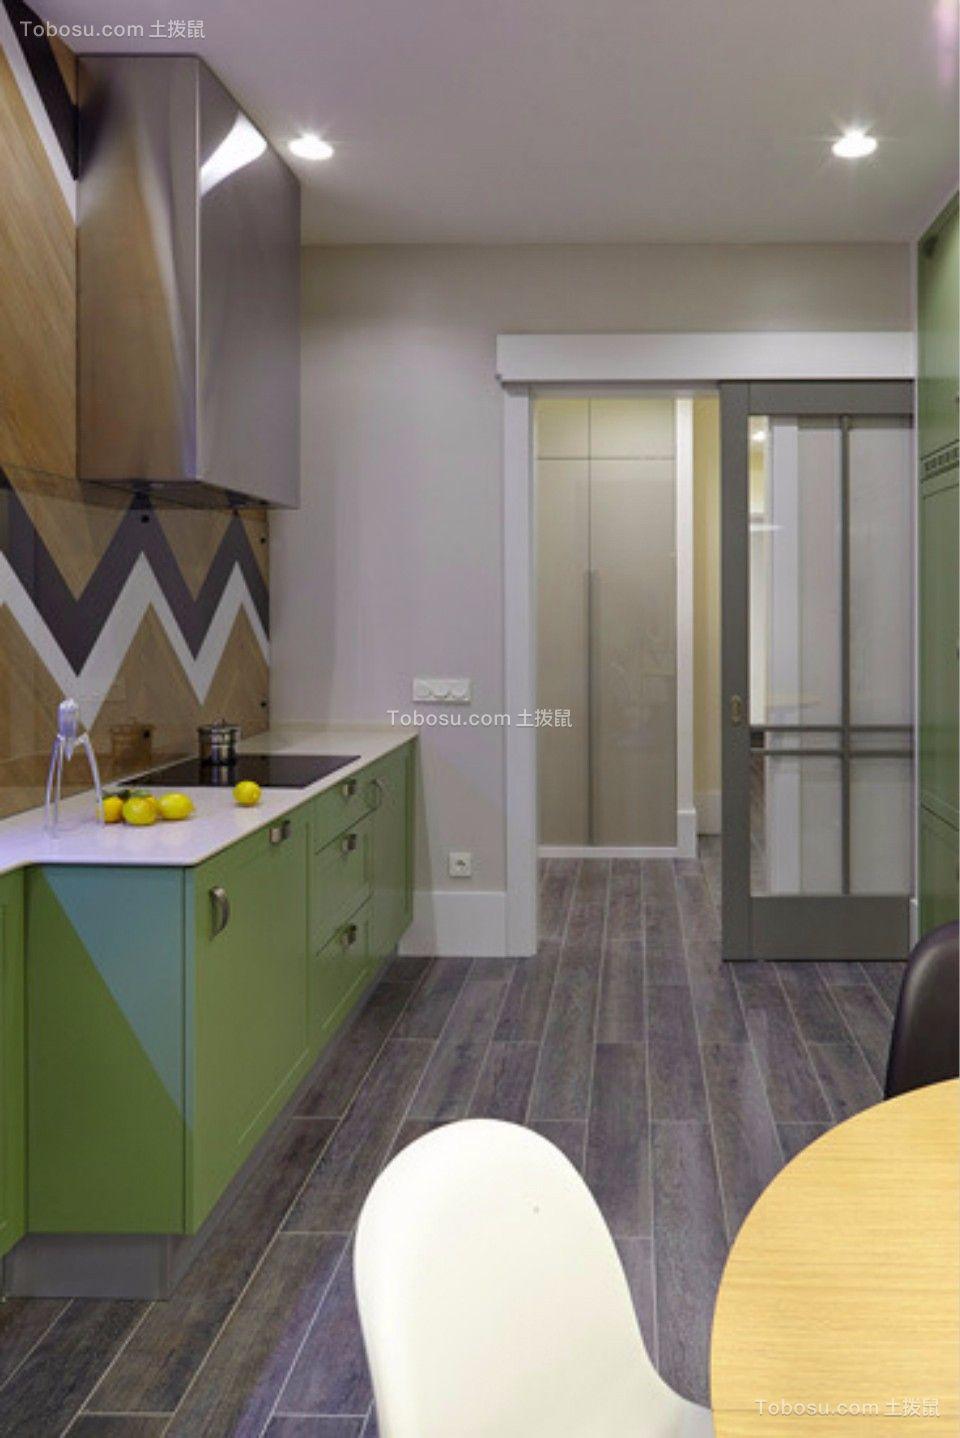 厨房 走廊_新嘉小区两室一厅79平现代简约装修效果图